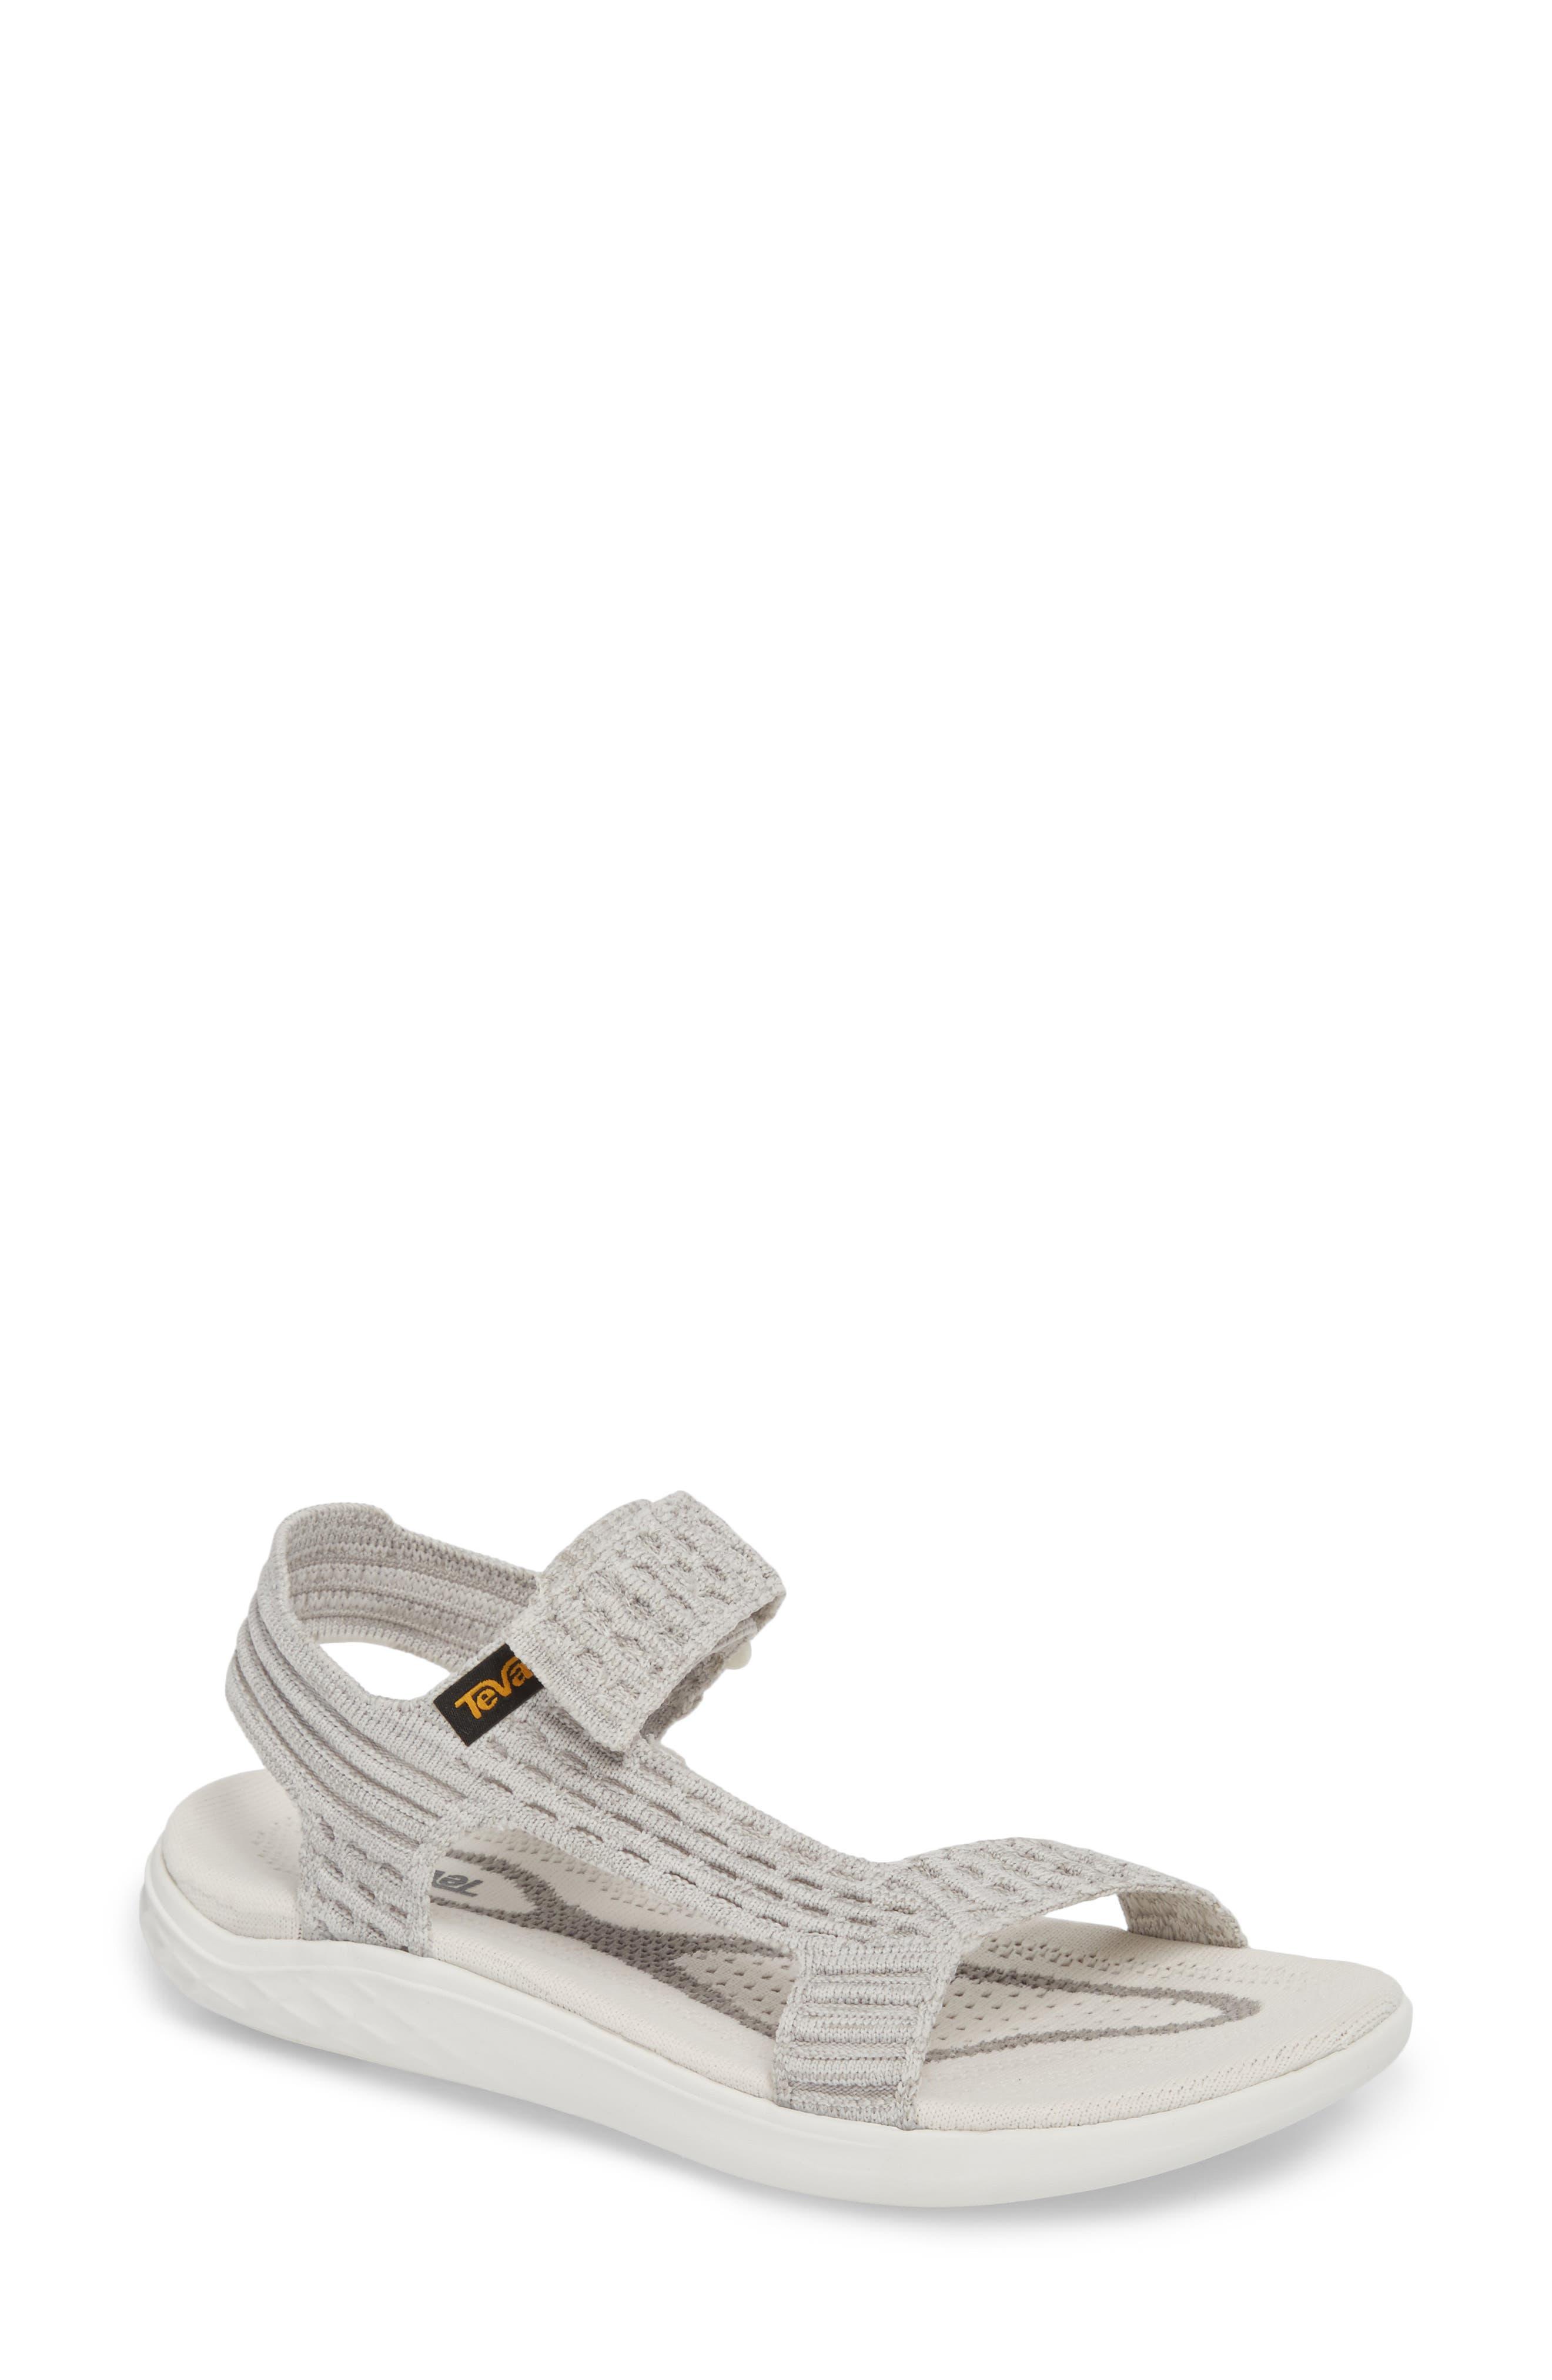 Terra Float 2 Knit Universal Sandal,                             Main thumbnail 2, color,